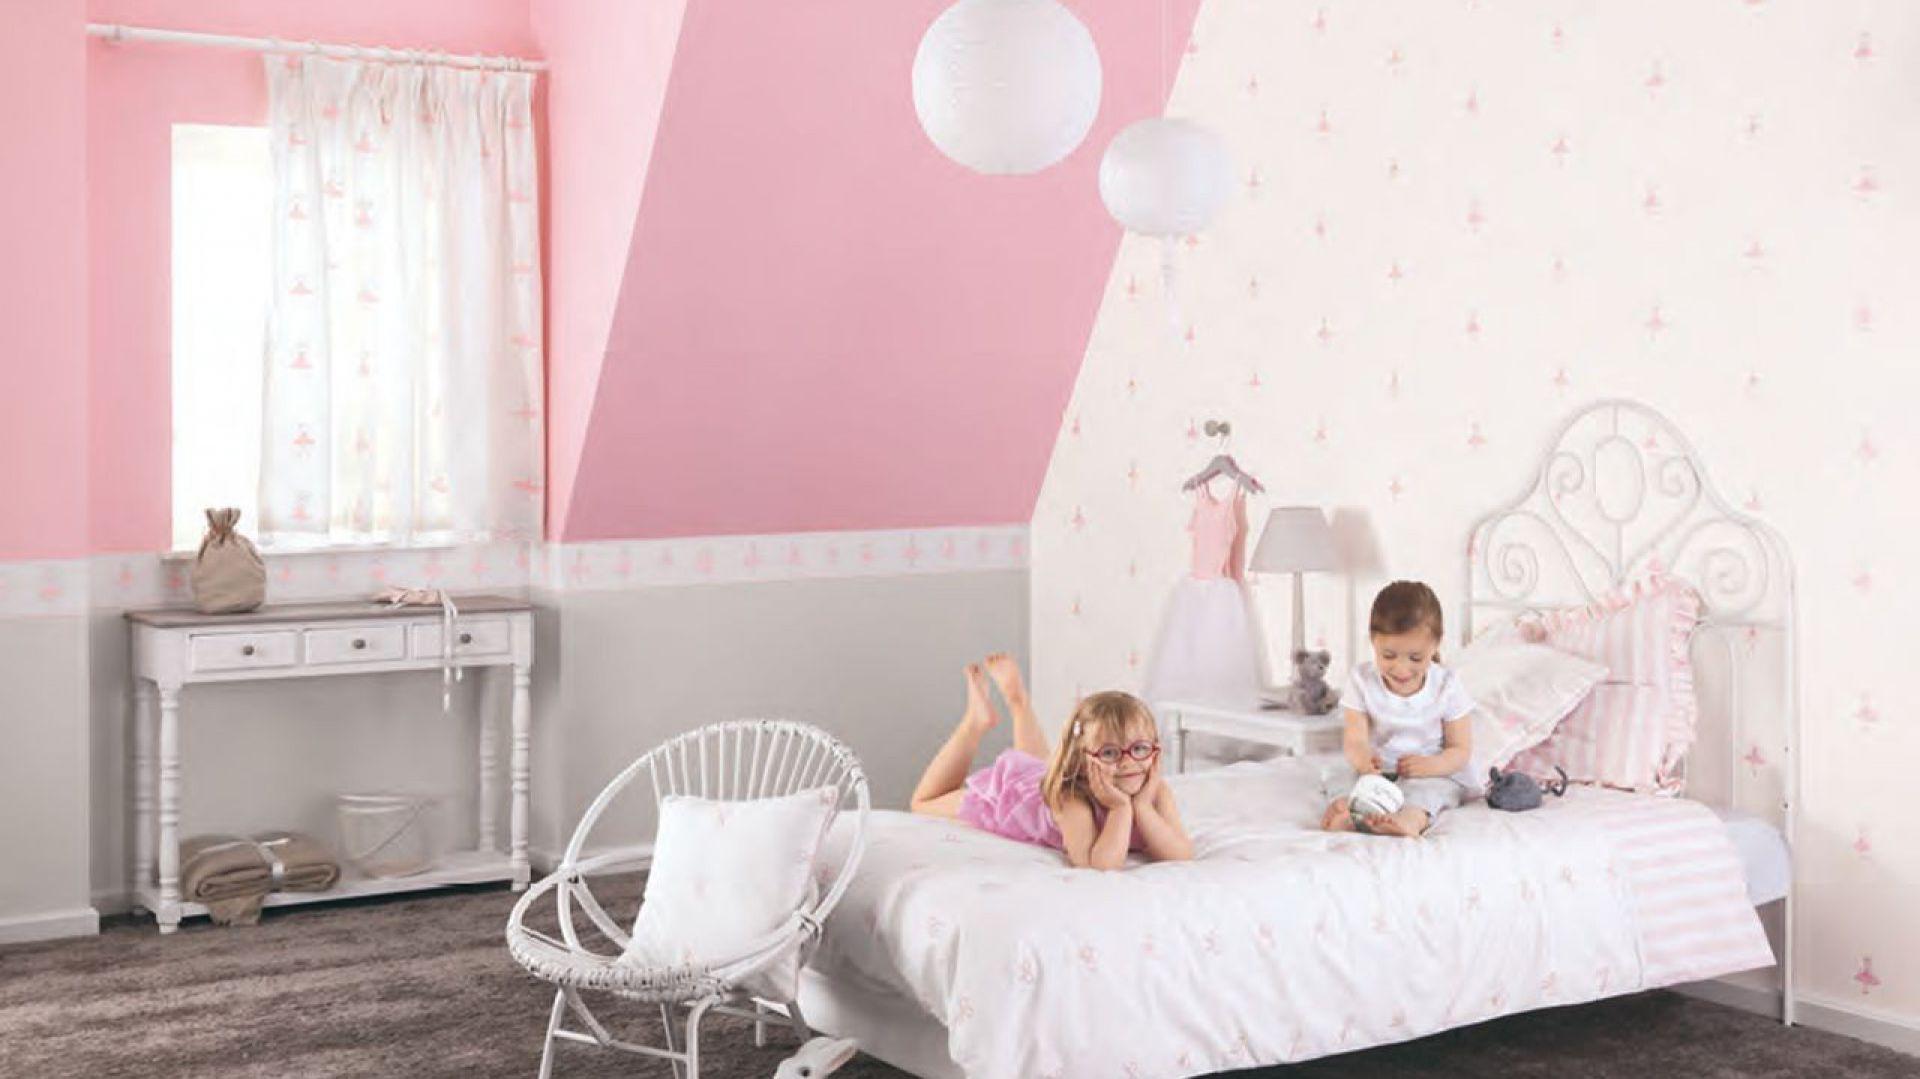 Kolorowych Snów Czyli Jak Urządzić Sypialnię Dla Dziewczynki